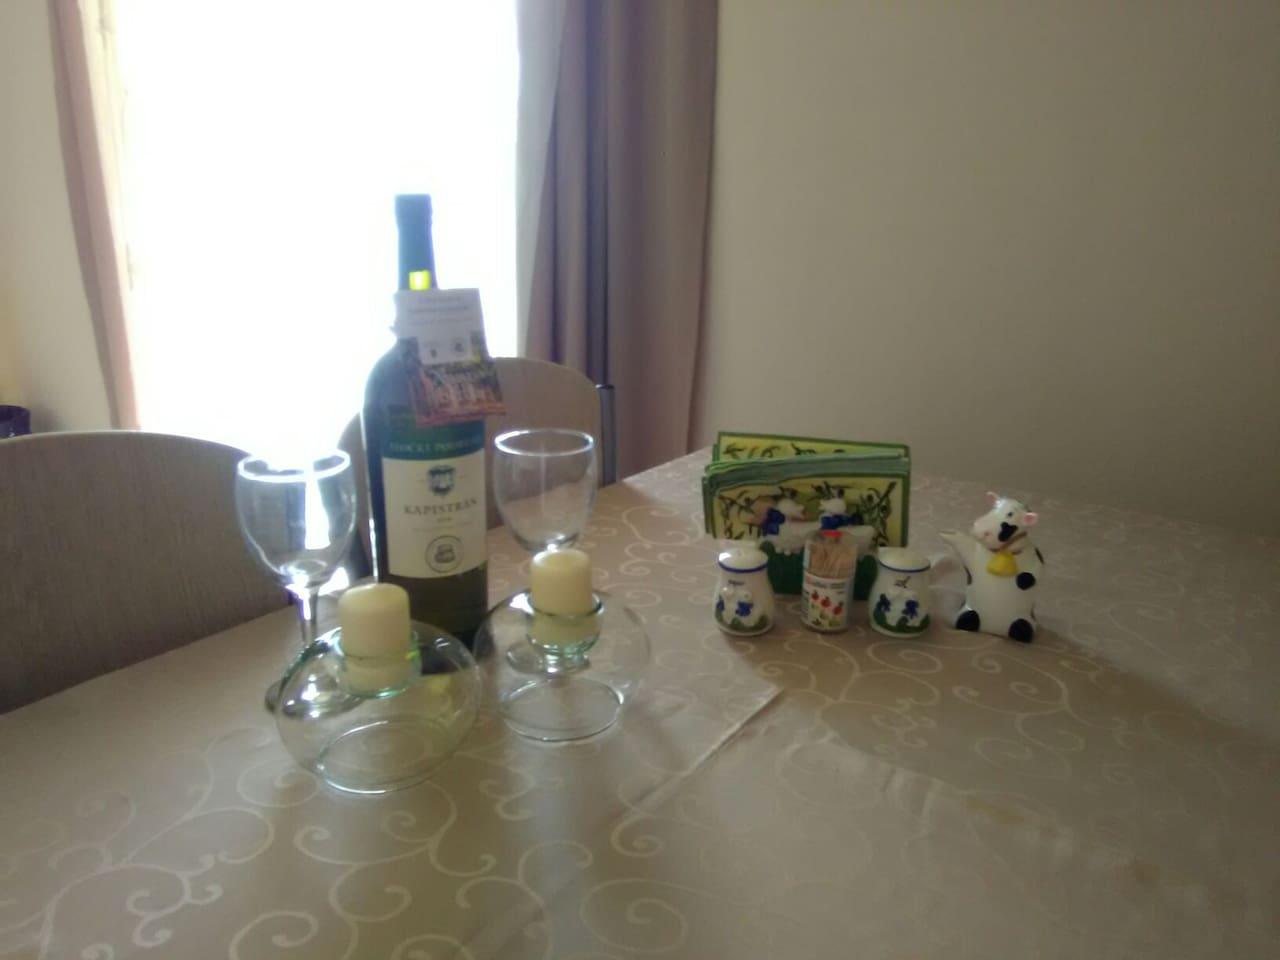 Stol u dnevni boravak sa blagovaonicom ,Nudimo piće dobrodošlice.